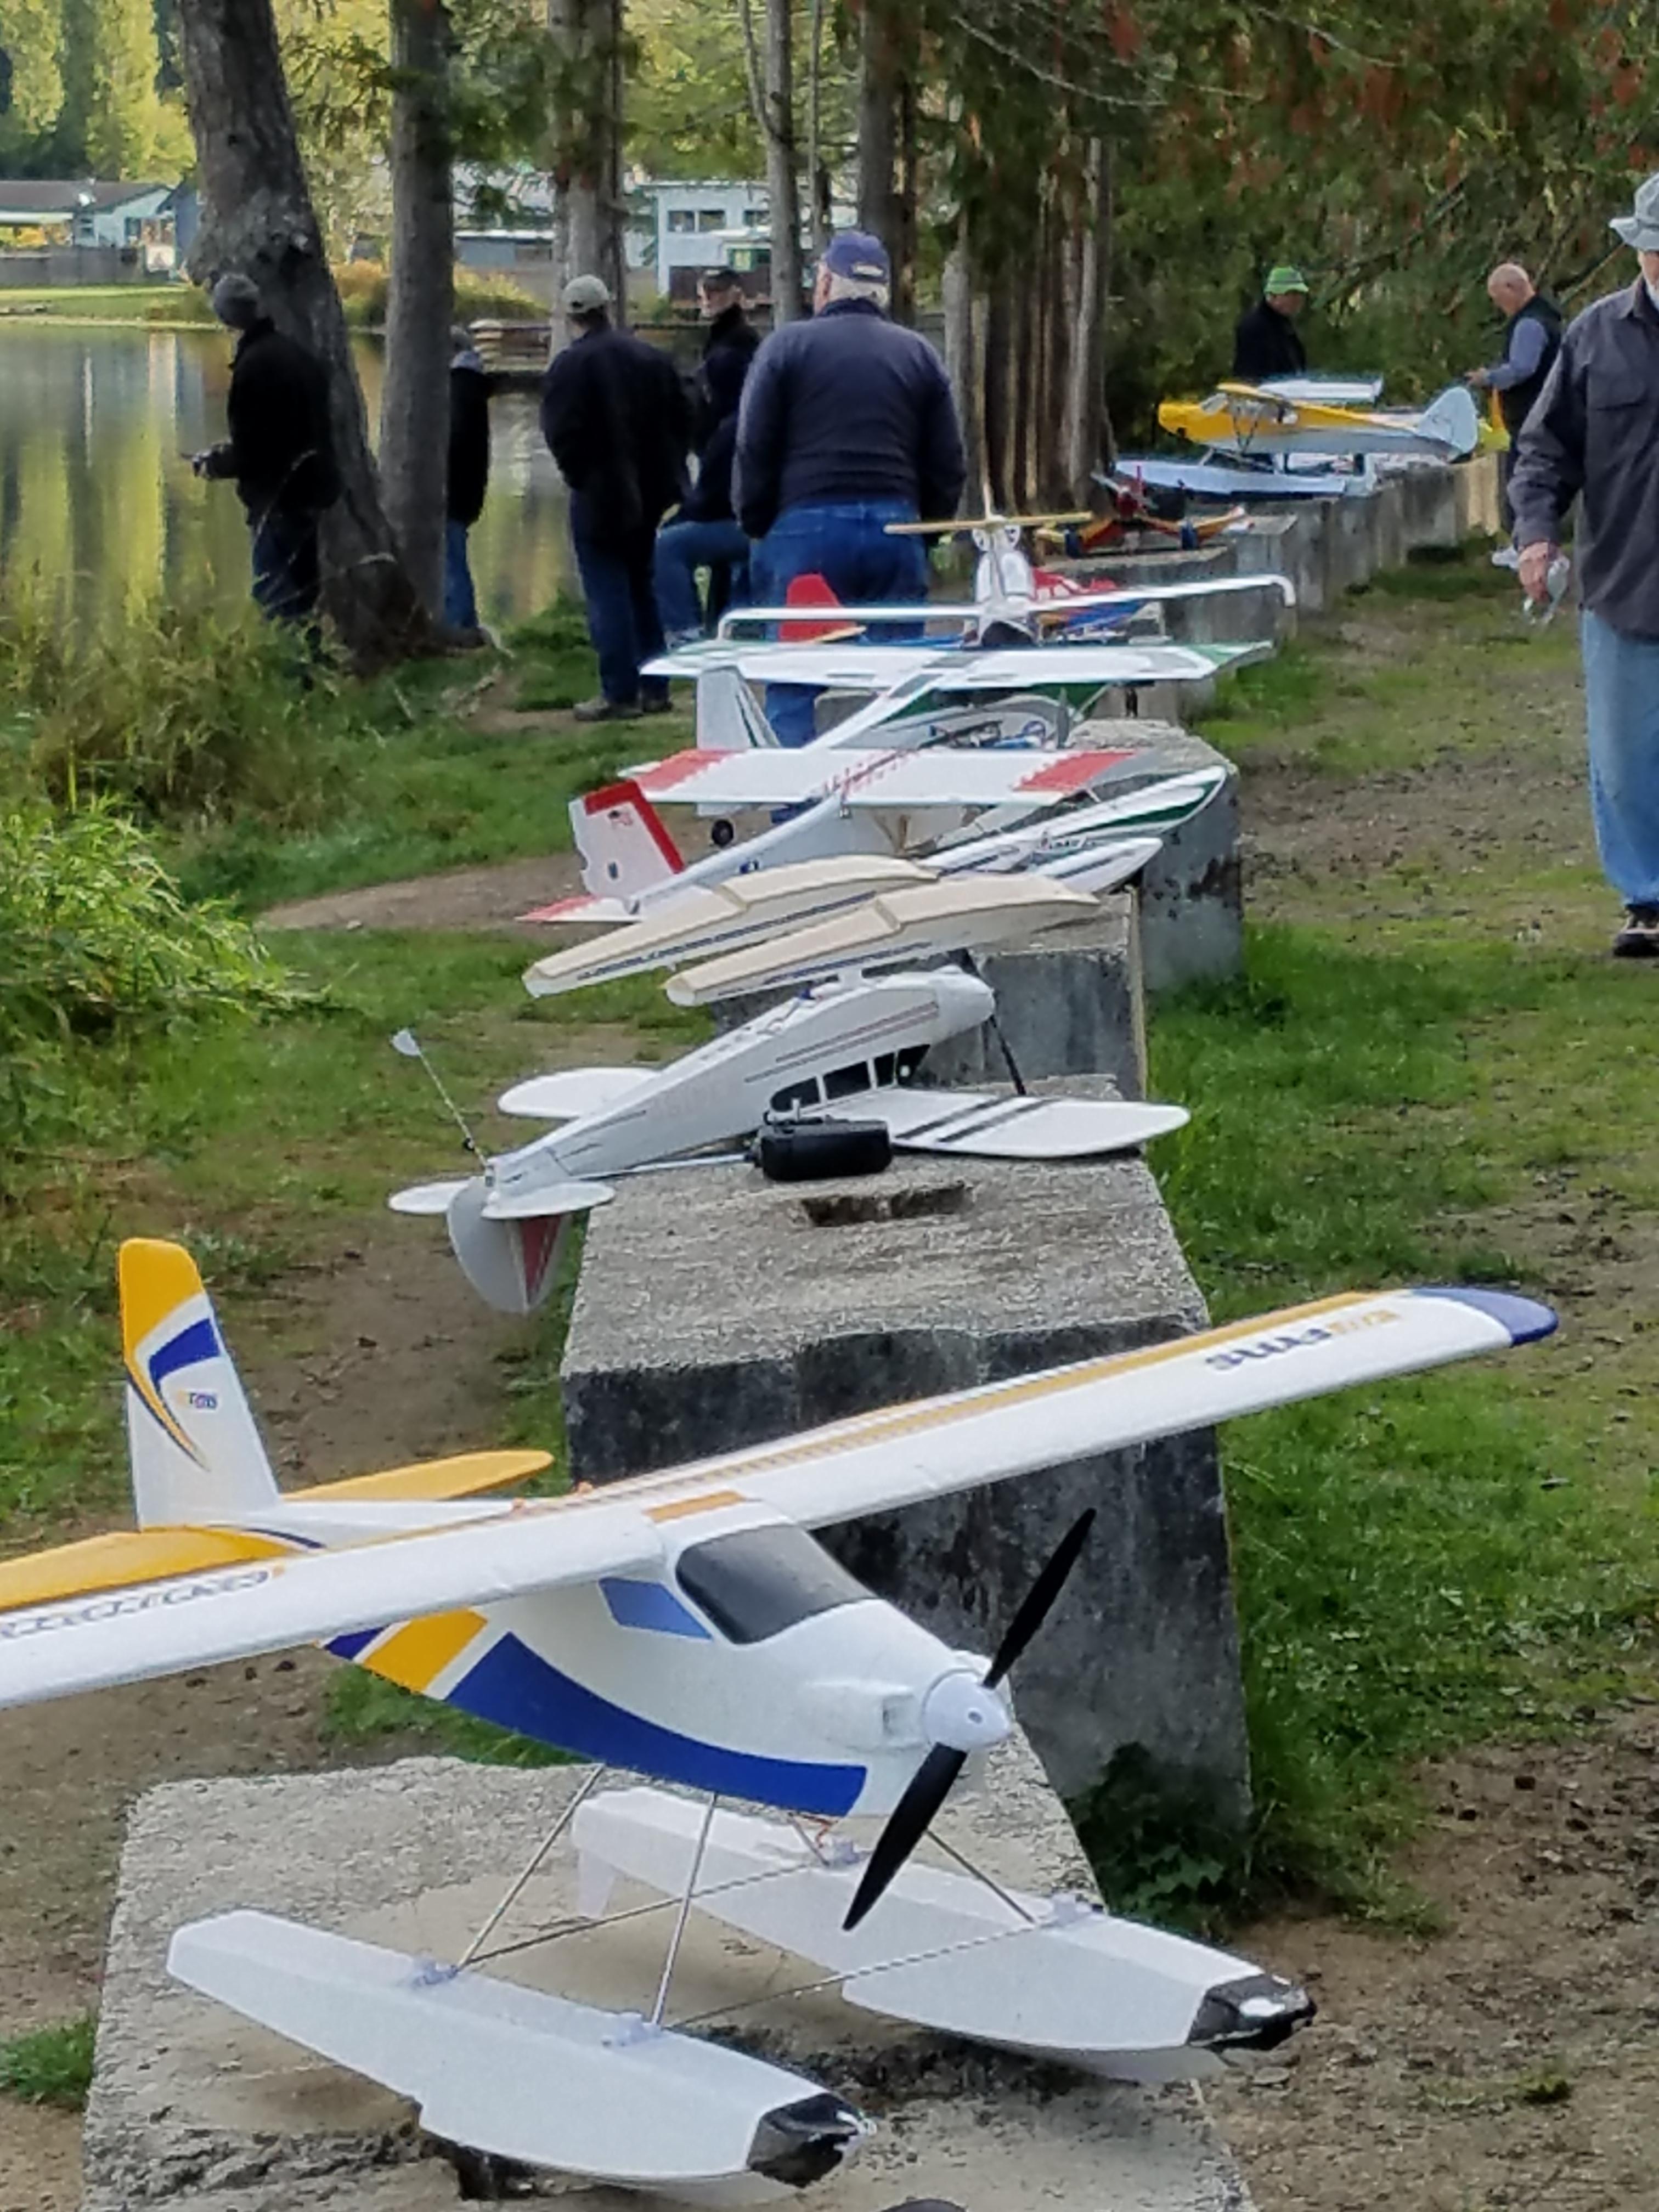 plane not found